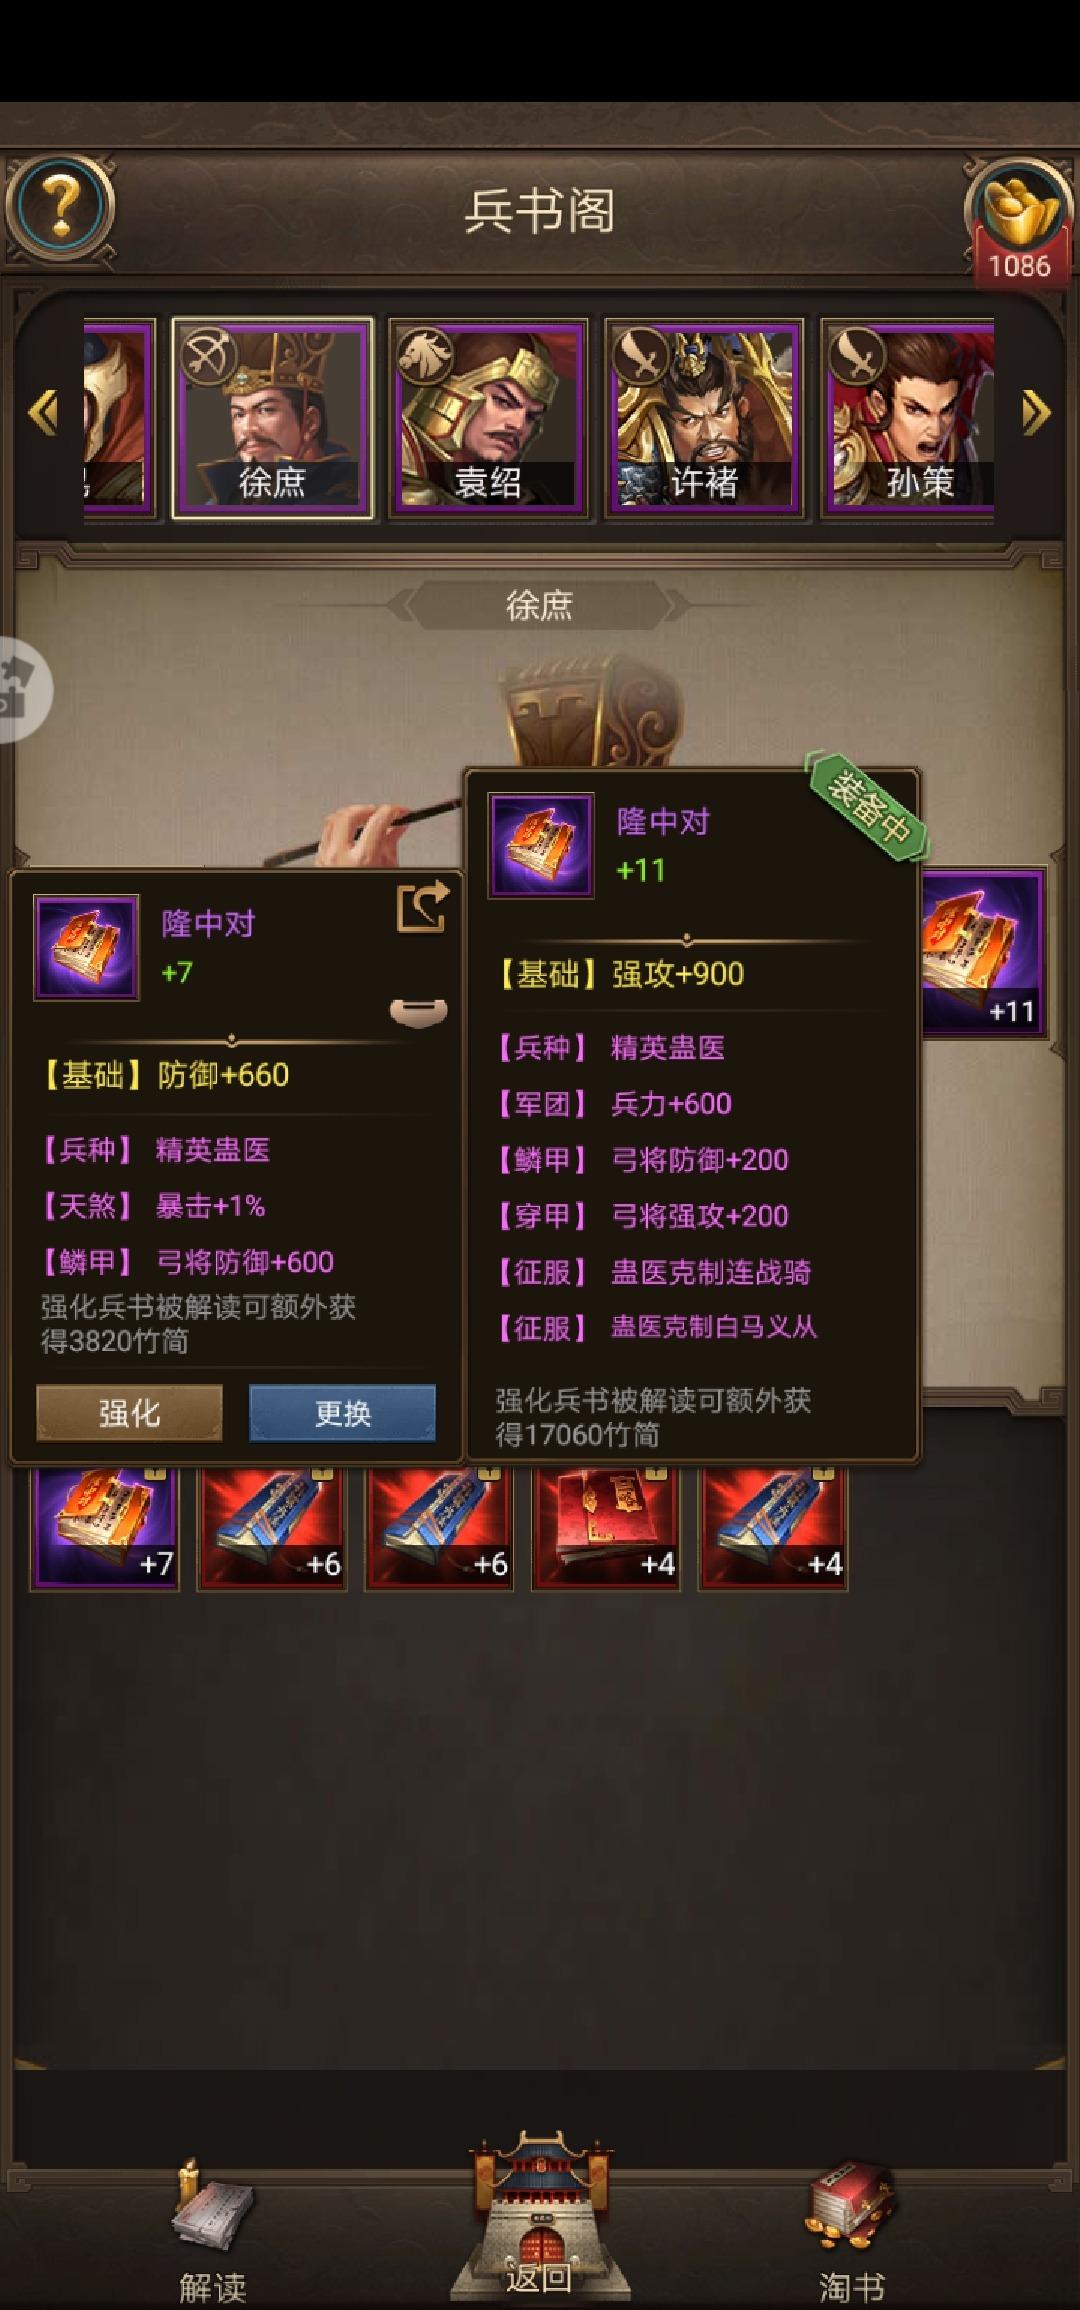 Screenshot_20191007_170836_juedi.tatuyin.rxsg.huawei.jpg